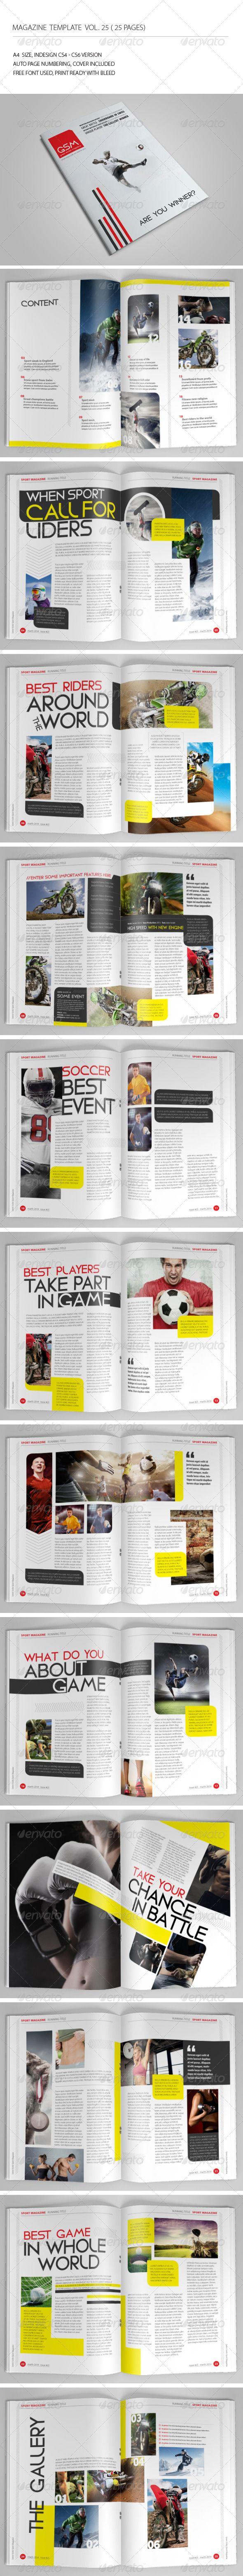 25 Pages Sport Magazine Vol25 Pinterest